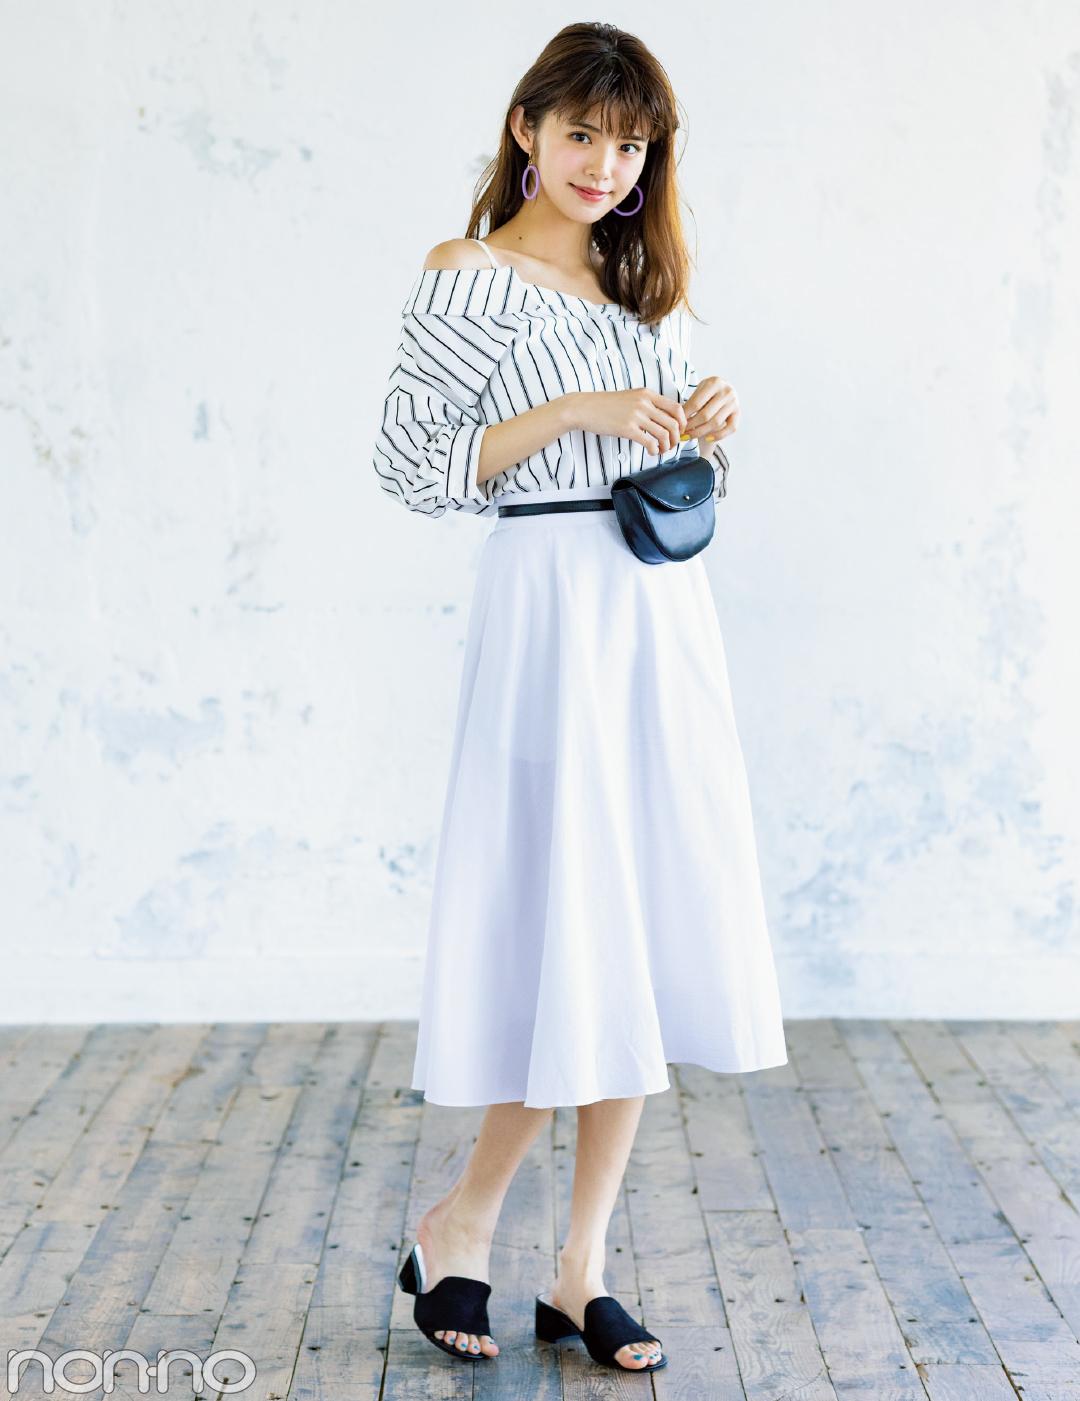 【夏のロングスカートコーデ】鈴木優華は、シングルカラーのフレアスカートですっきり大人っぽ♡